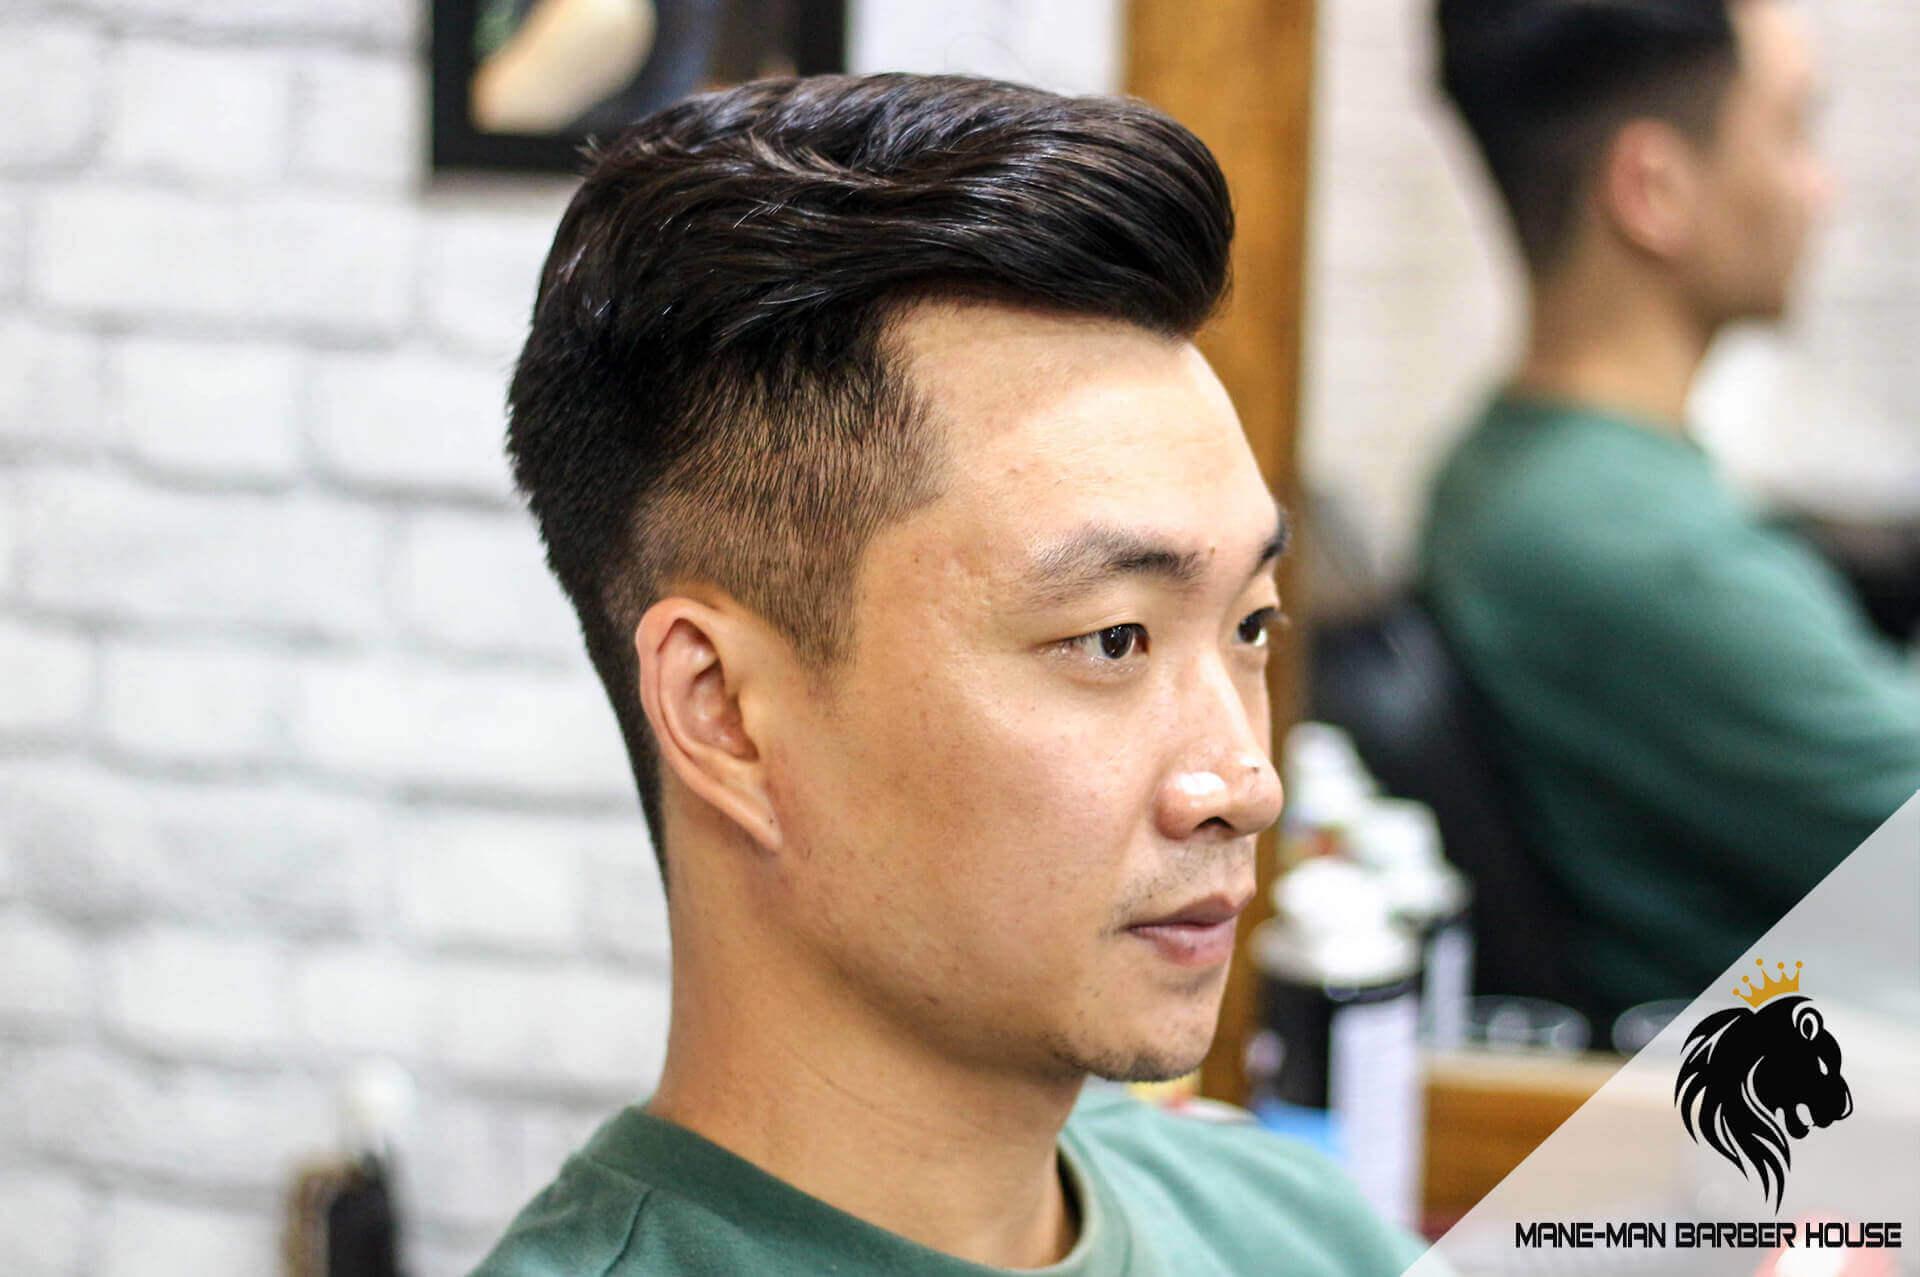 kiểu tóc Undercut ngắn Textured